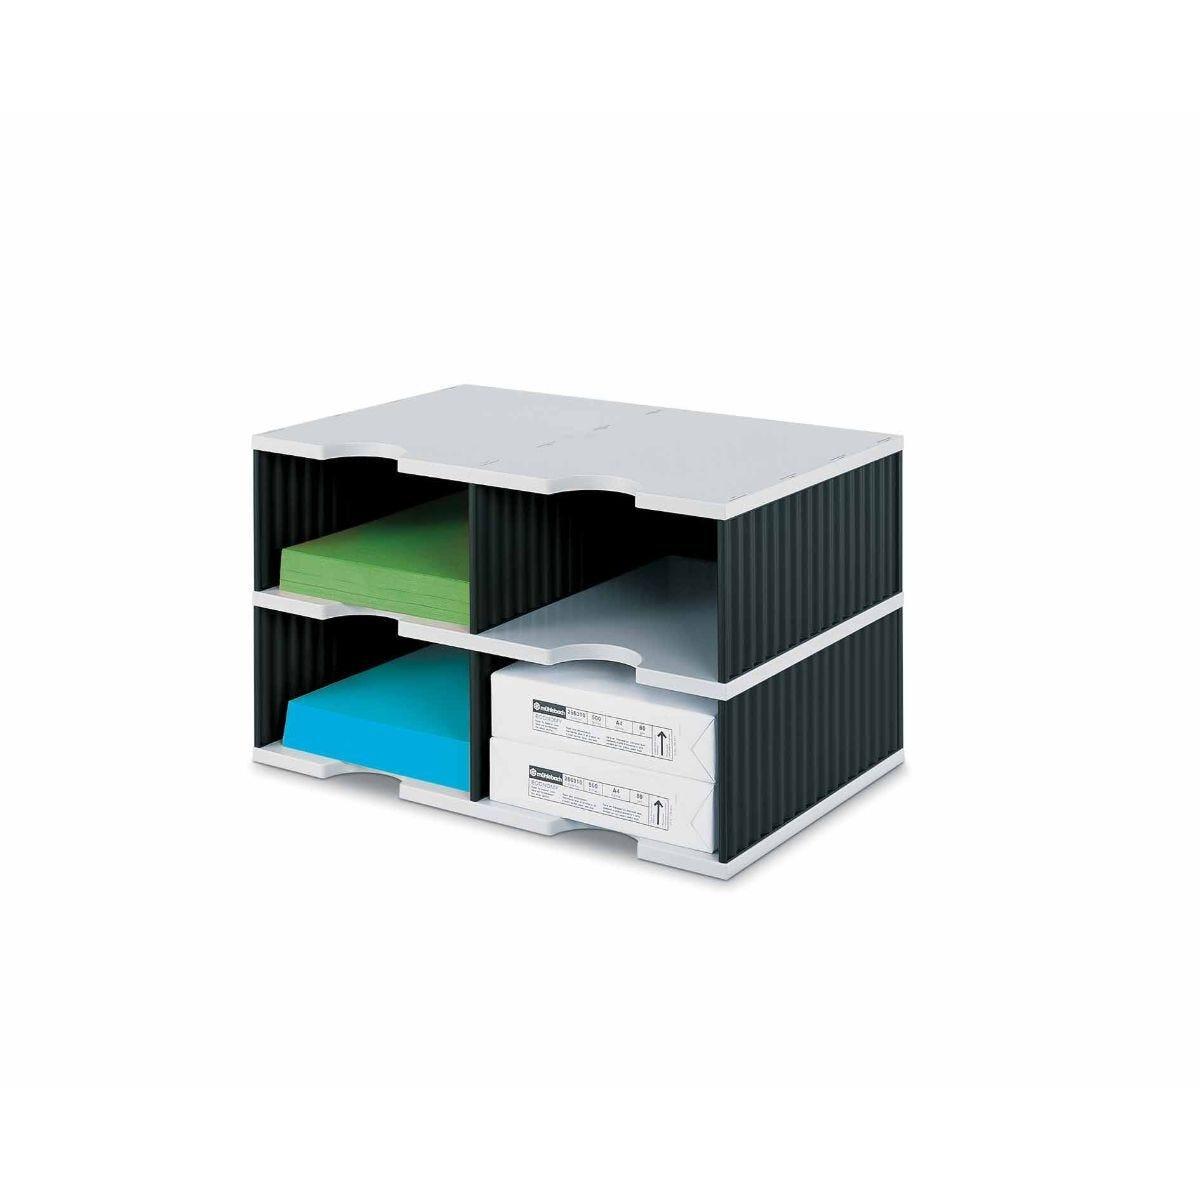 Styrodoc Jumbo Desktop Organiser 4 Drawer